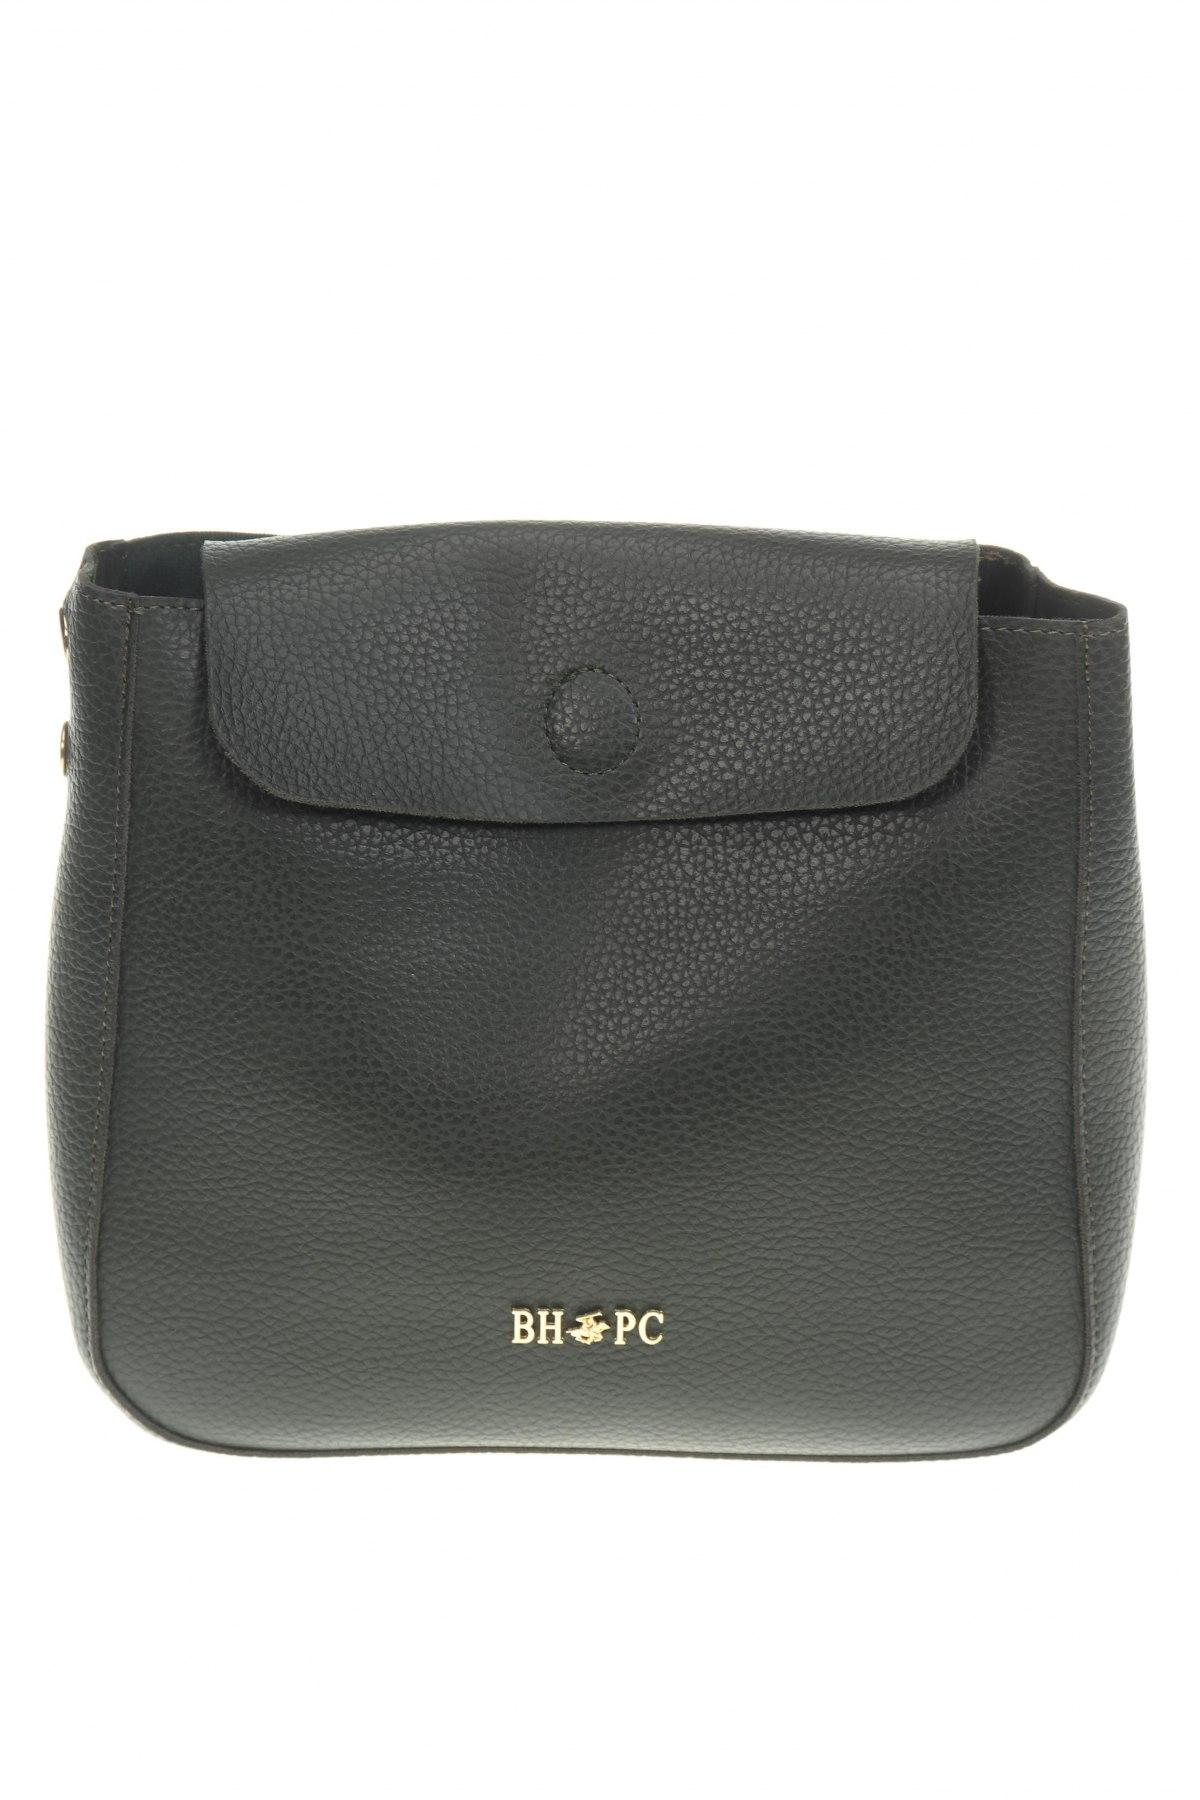 Дамска чанта Beverly Hills Polo Club, Цвят Зелен, Еко кожа, Цена 44,25лв.